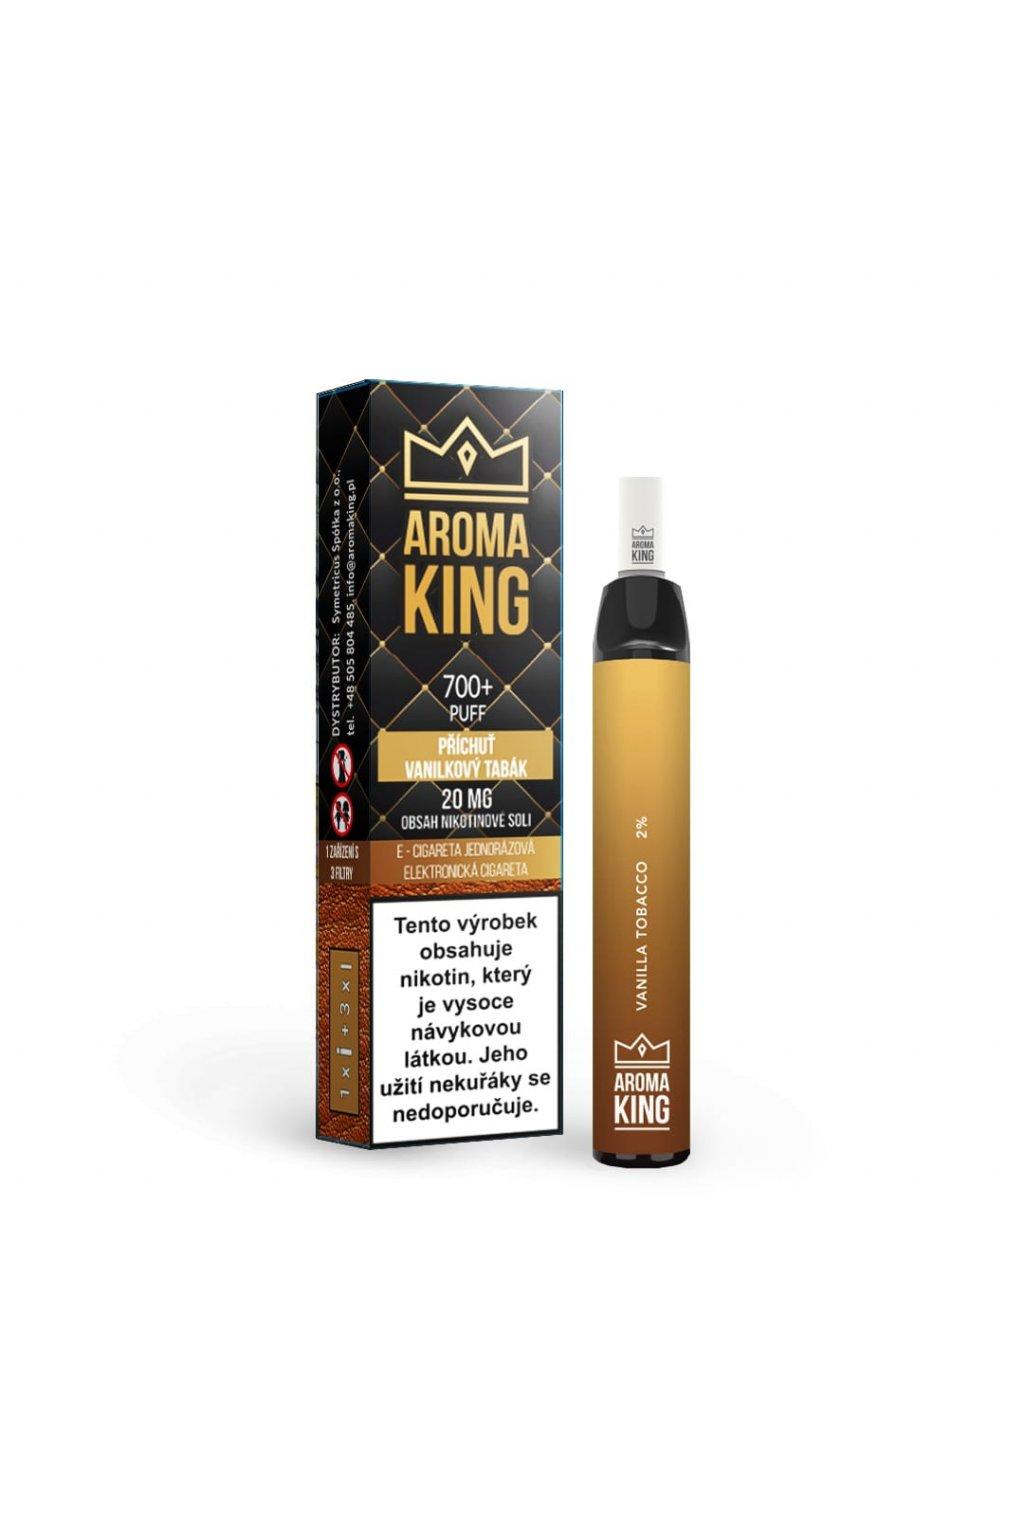 Aroma King jednorazova e cigareta vanilla tobacco hybrid 700 potahnuti min